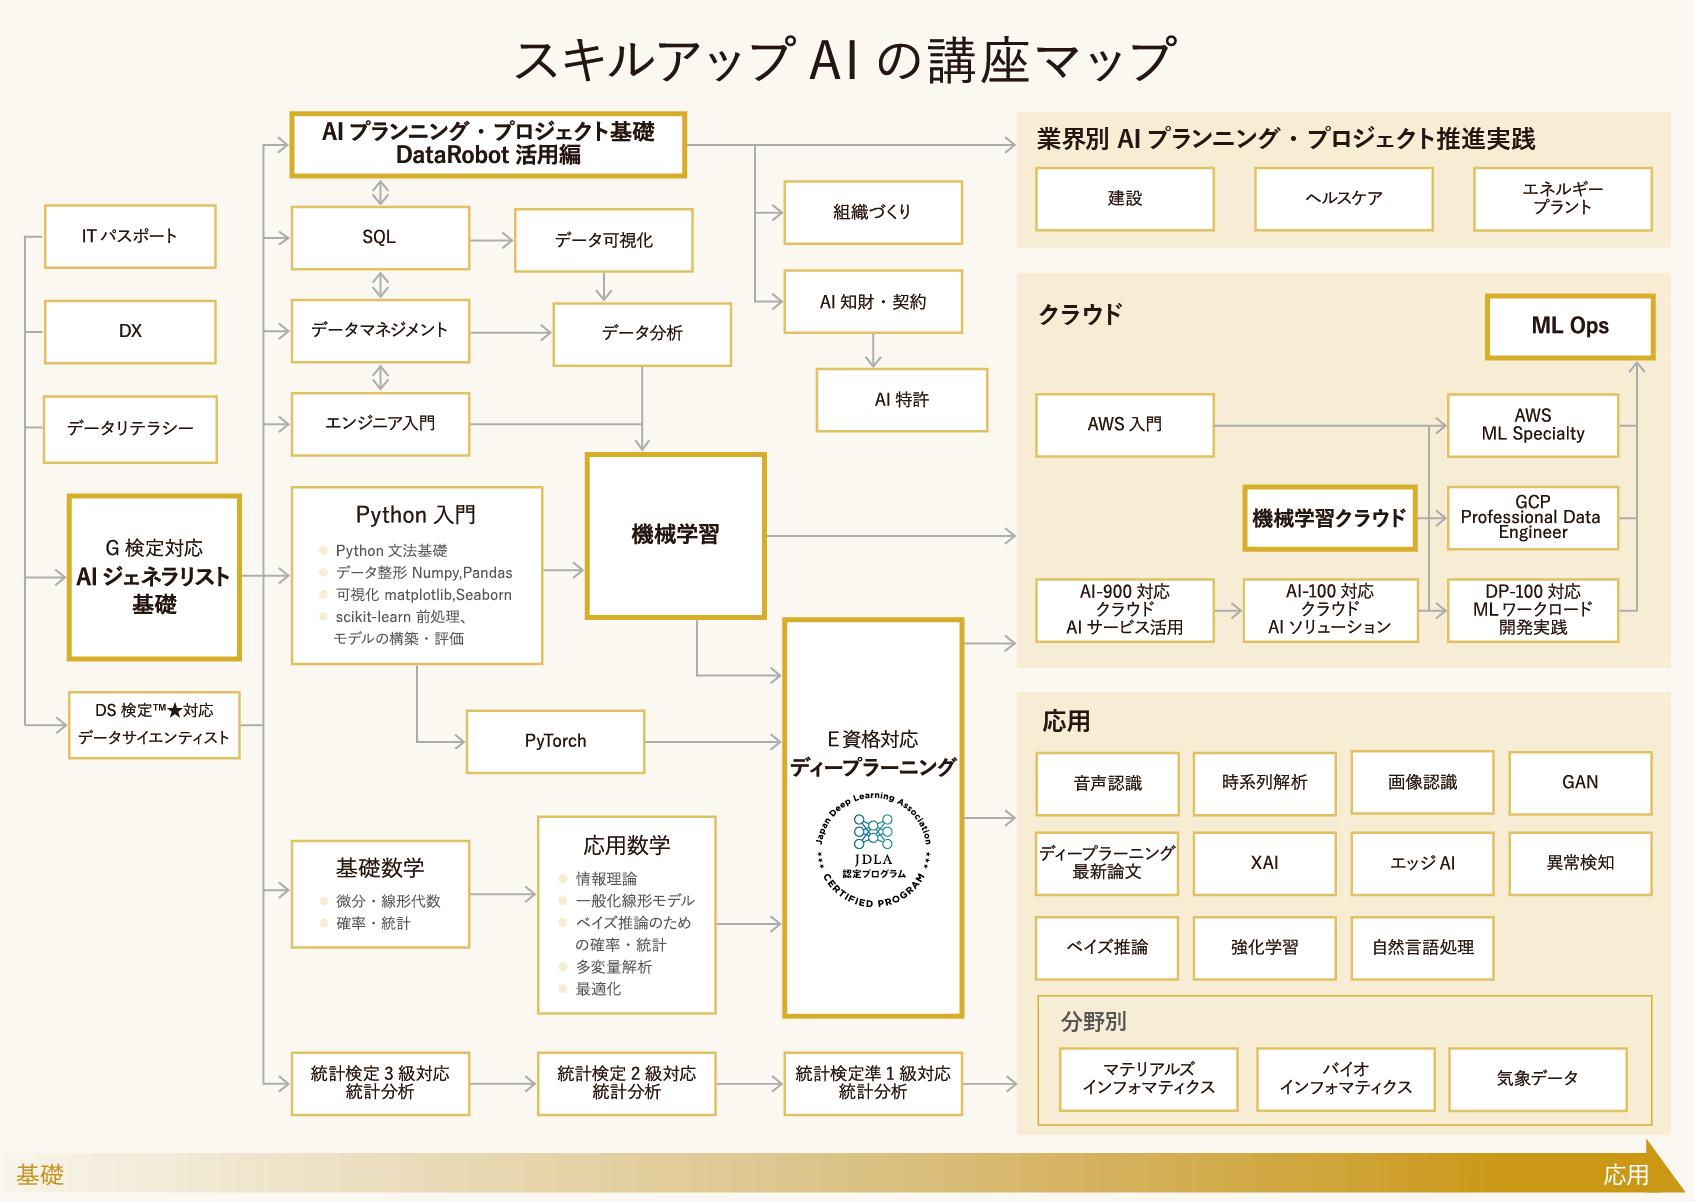 スキルアップAI講座マップ_20210928_5.png